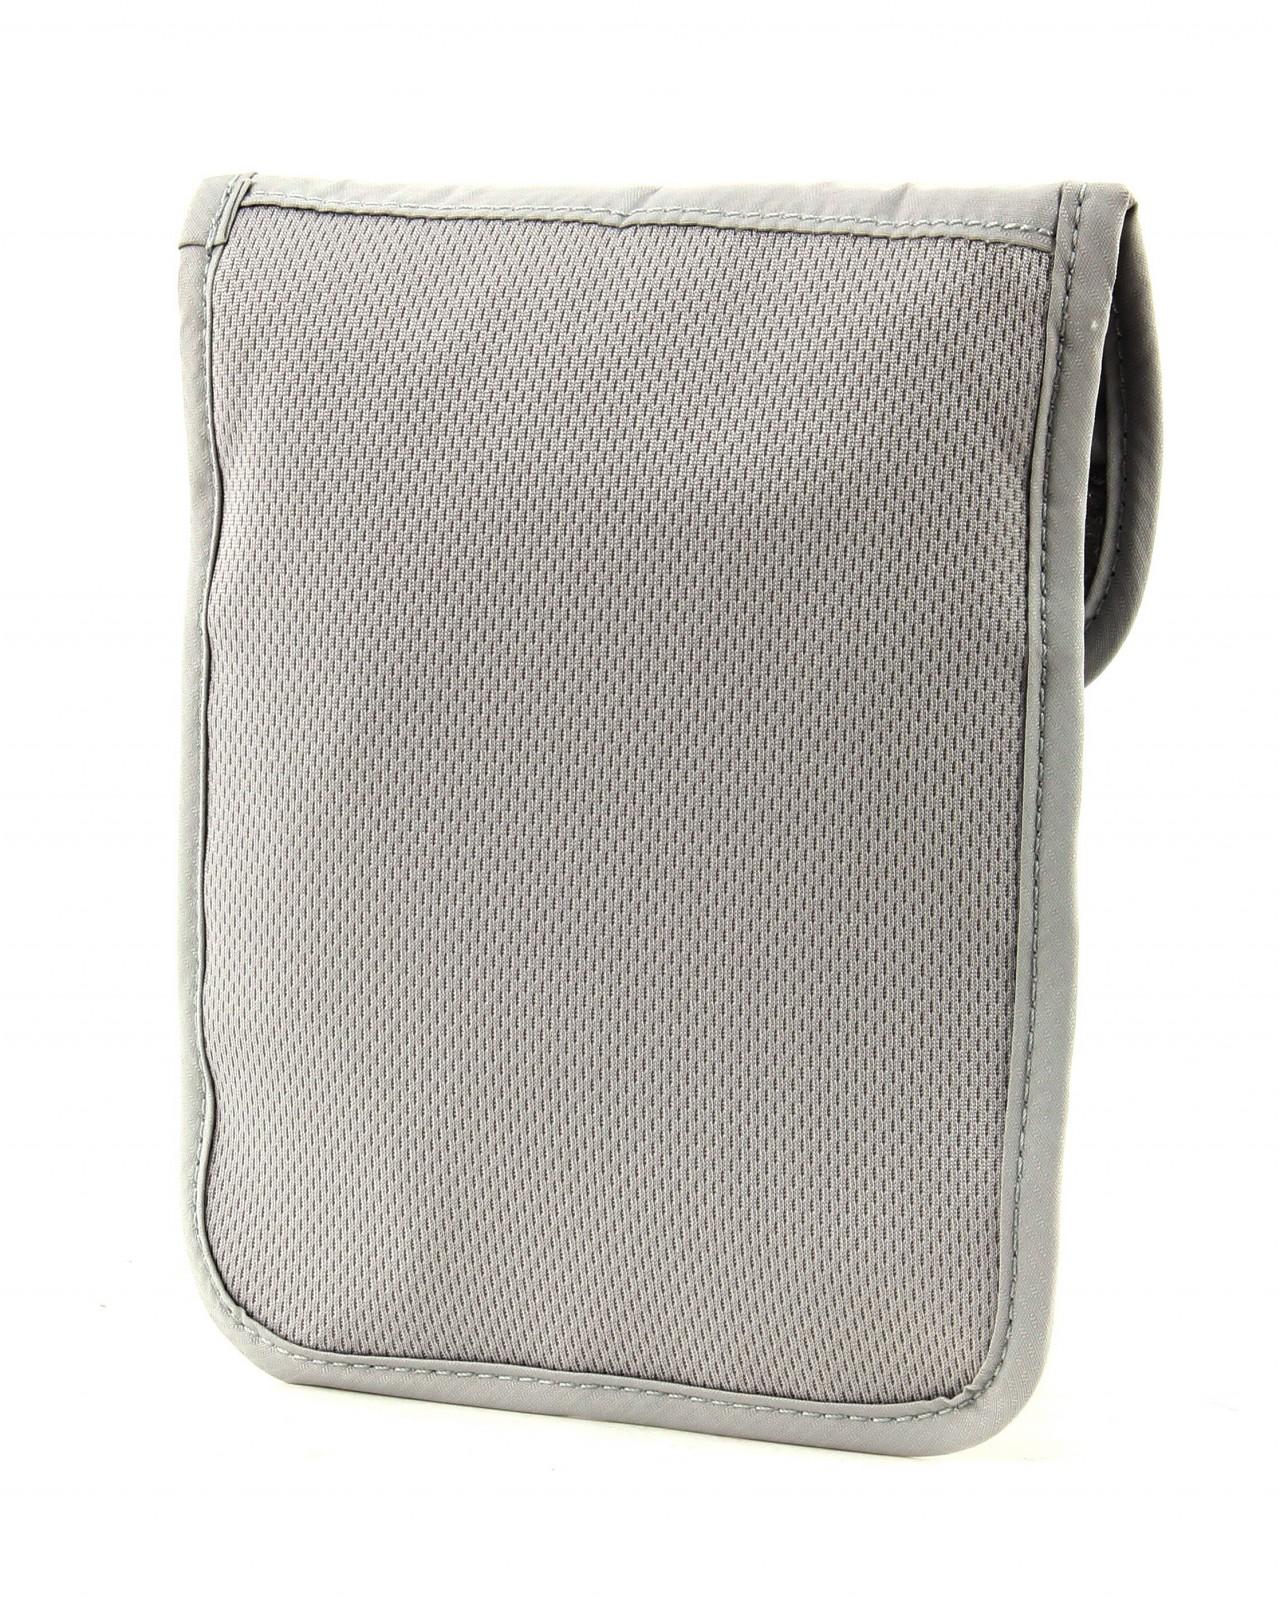 Schnelle Lieferung Coversafe™ Tm X75 Brustbeutel Von Pacsafe® Beschützer Mit Hohem Sicherheitsstand Kleidung & Accessoires Brustbeutel & -taschen